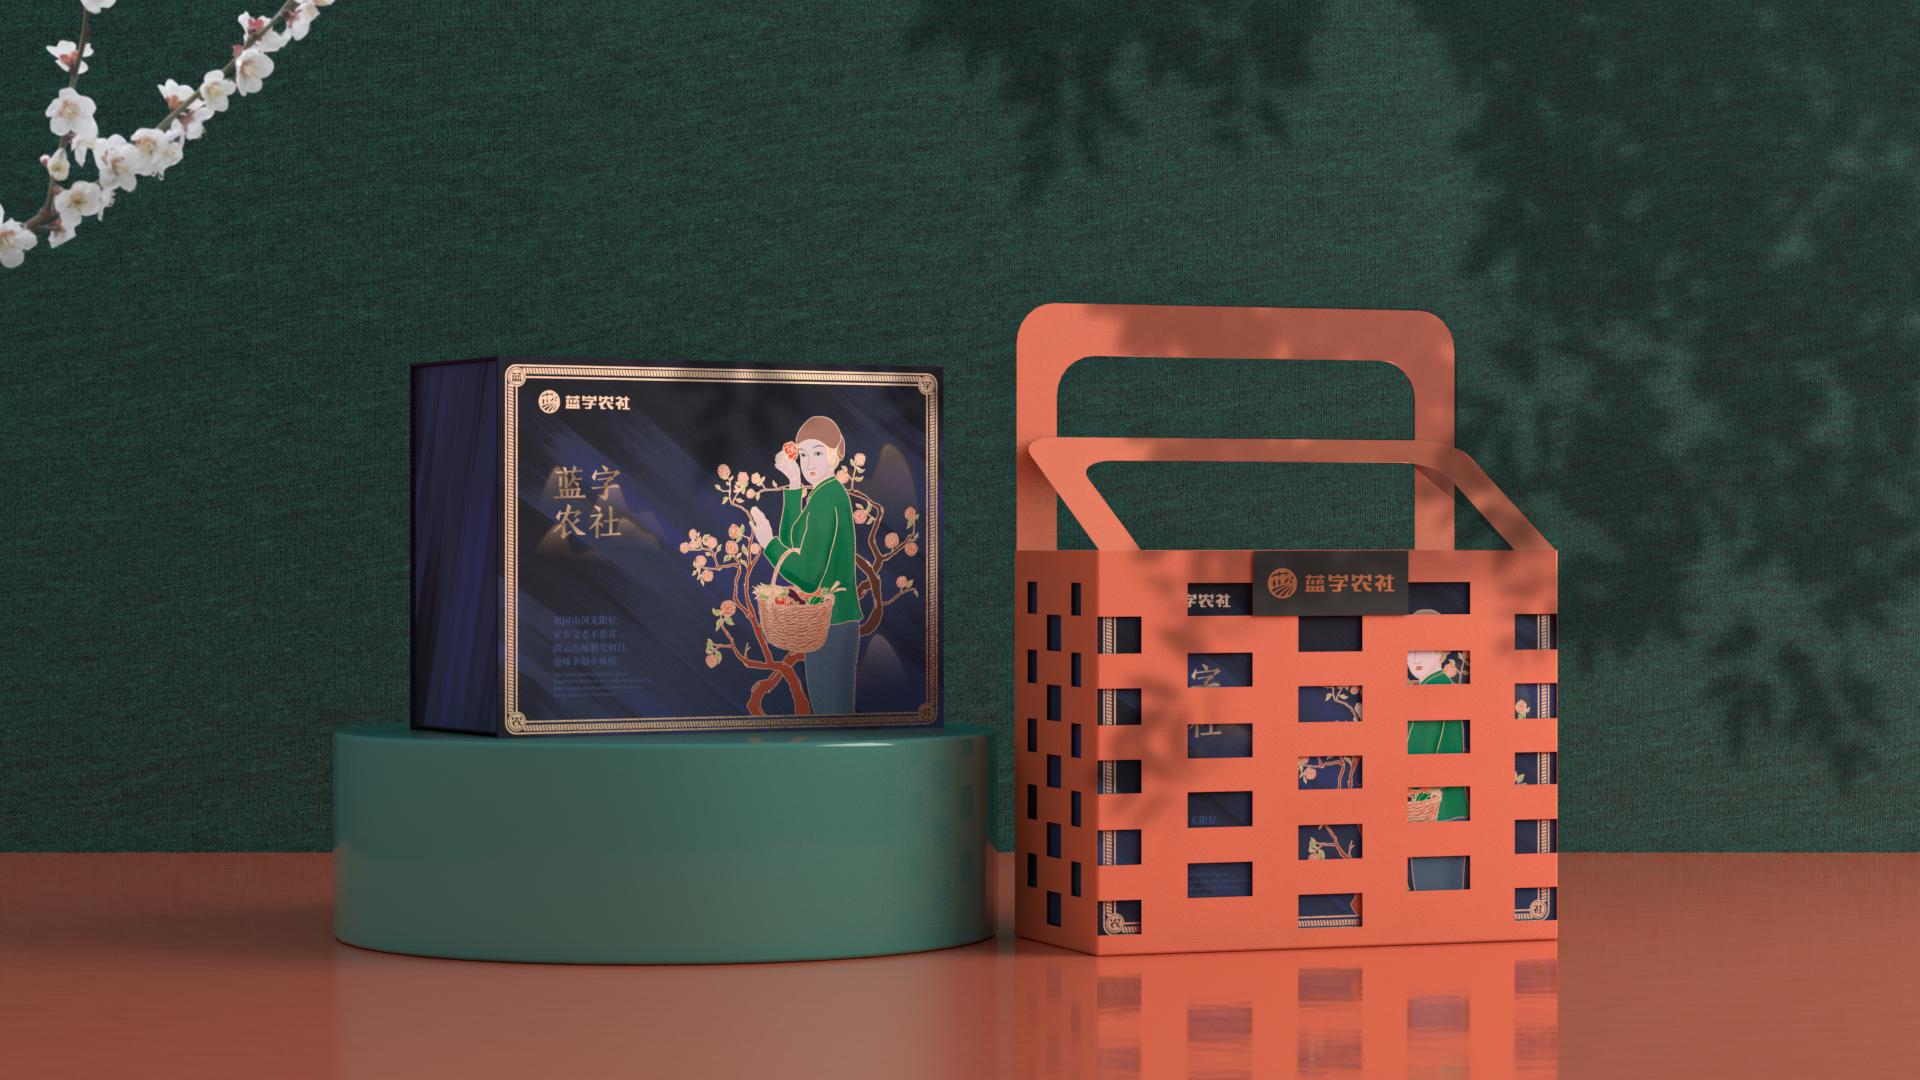 蓝字农社高端食品w88优德包装设计